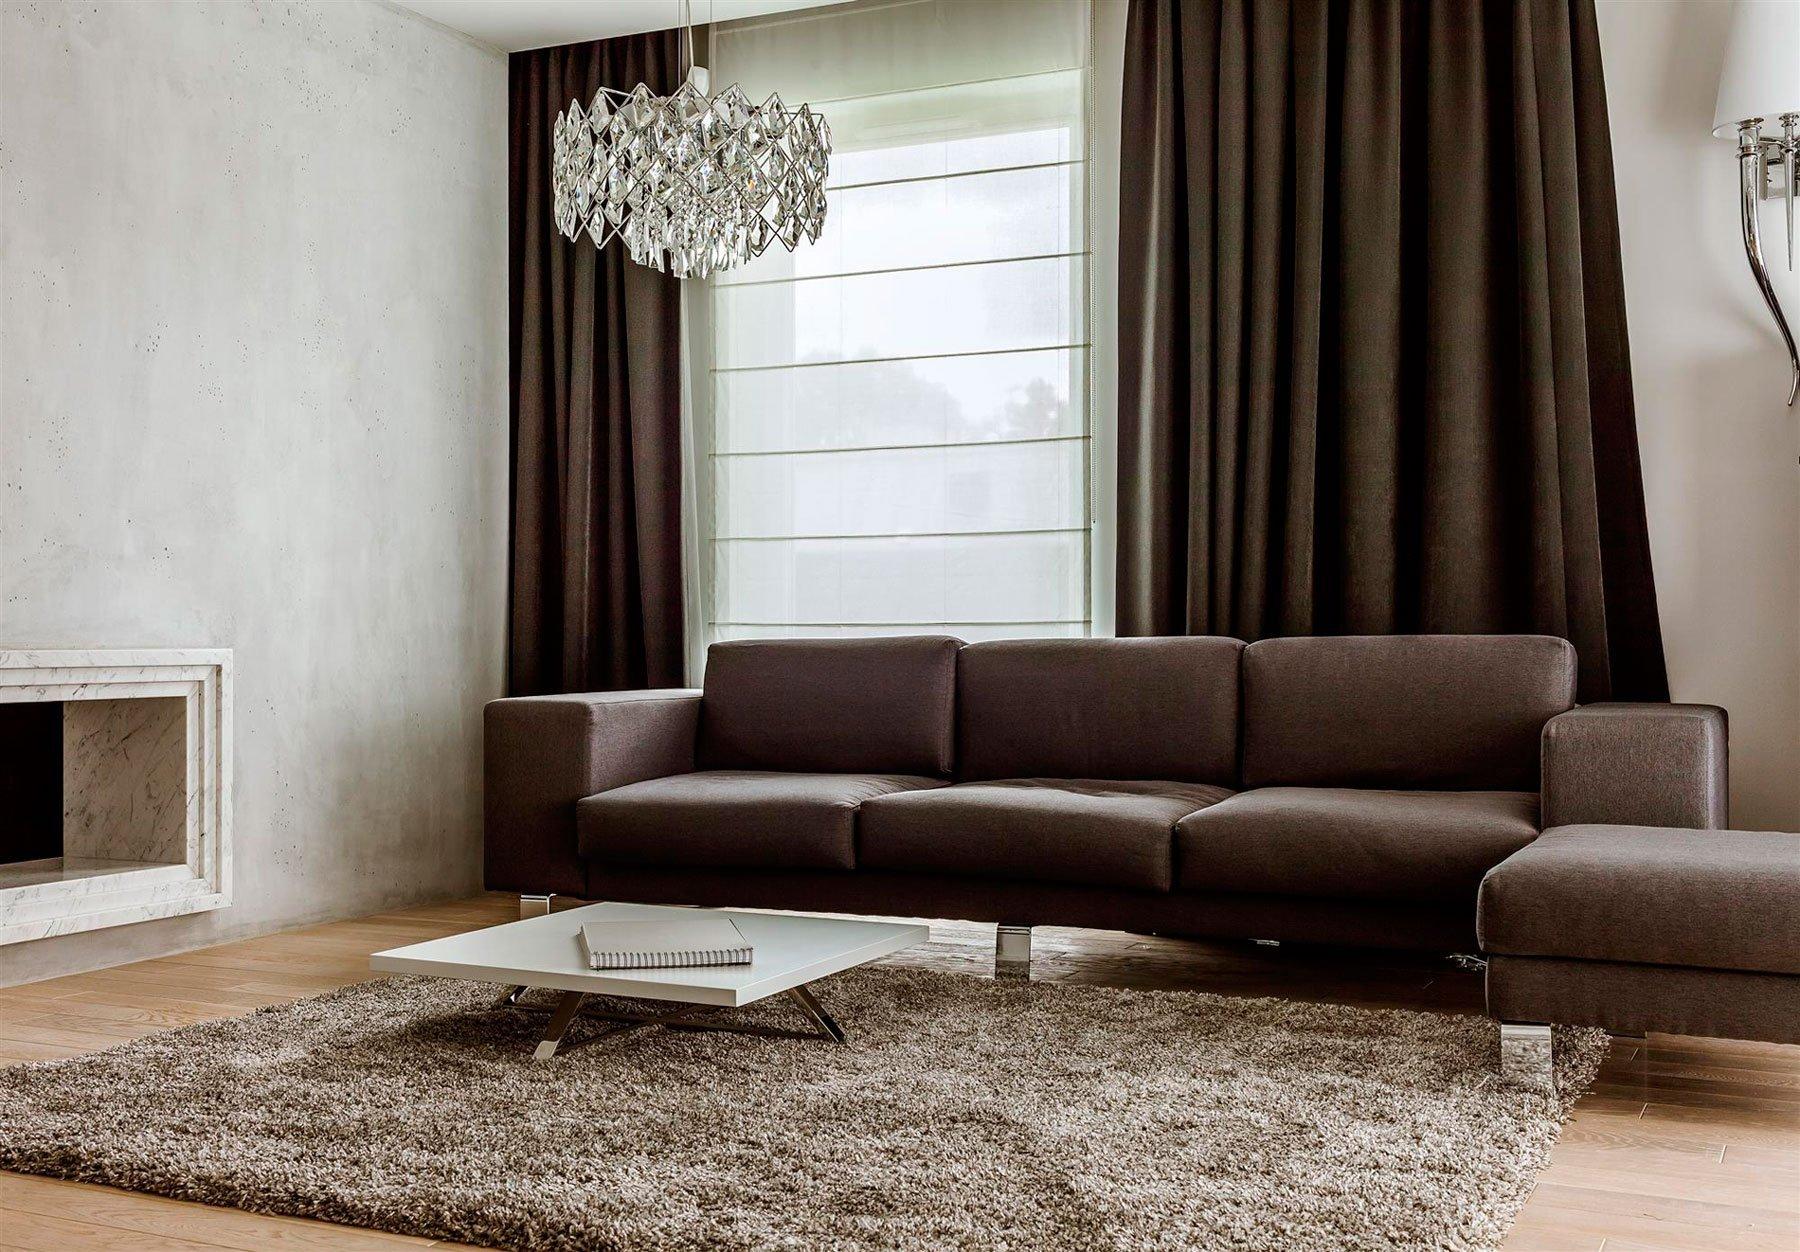 В большинстве случаев текстура текстильных предметов интерьера также важна, как и цвет